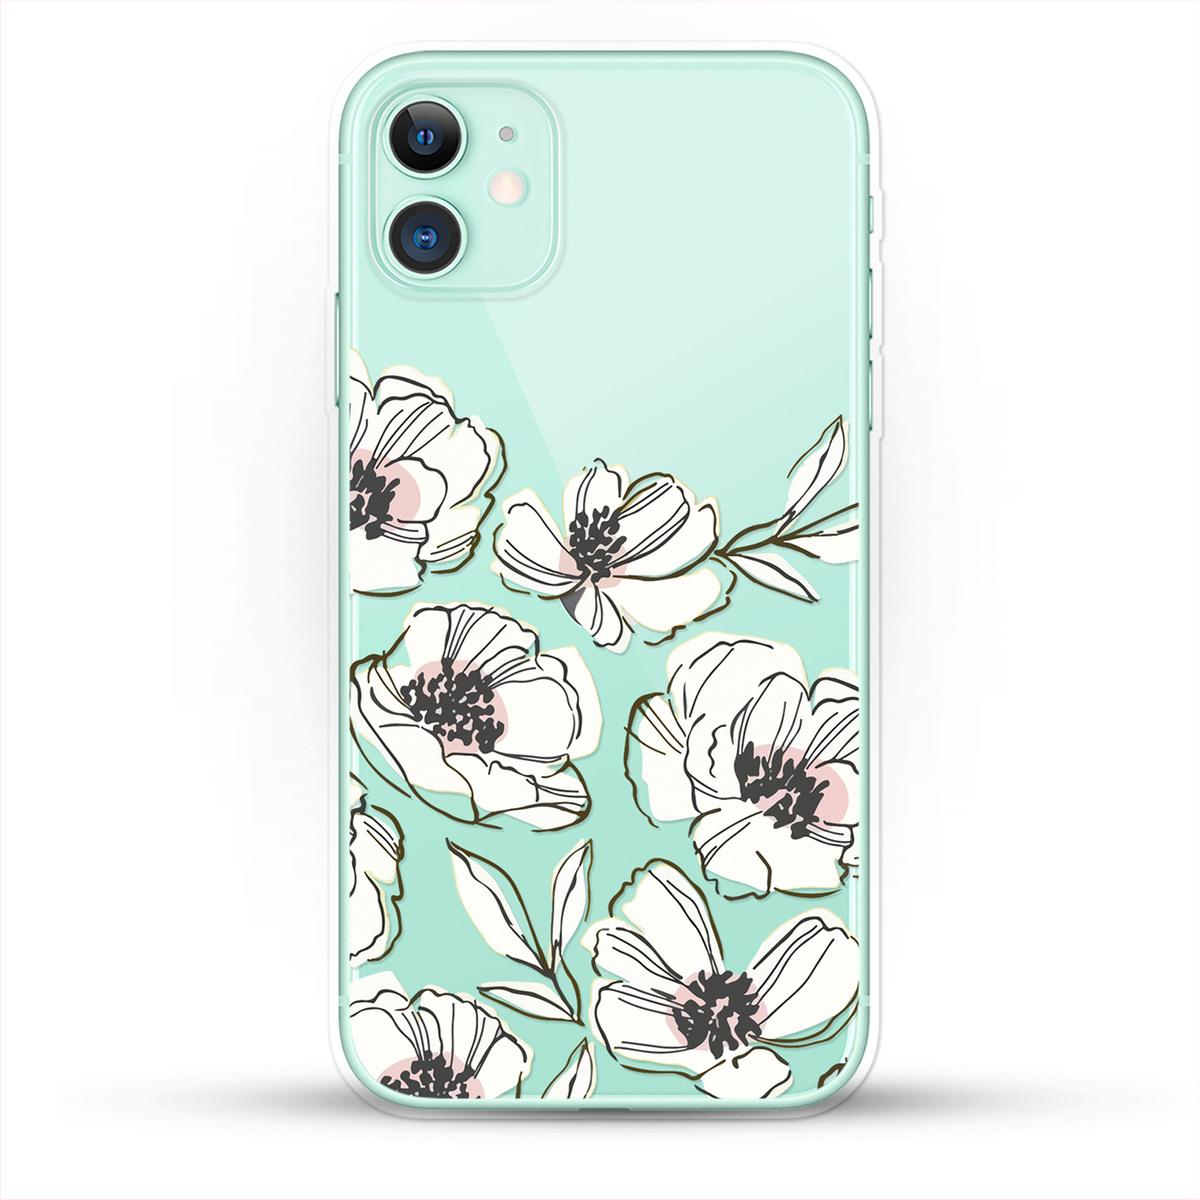 """Силиконовый чехол """"Цветы"""" на Apple iPhone 11 / для Эпл Айфон 11 — купить в  интернет-магазине OZON с быстрой доставкой"""